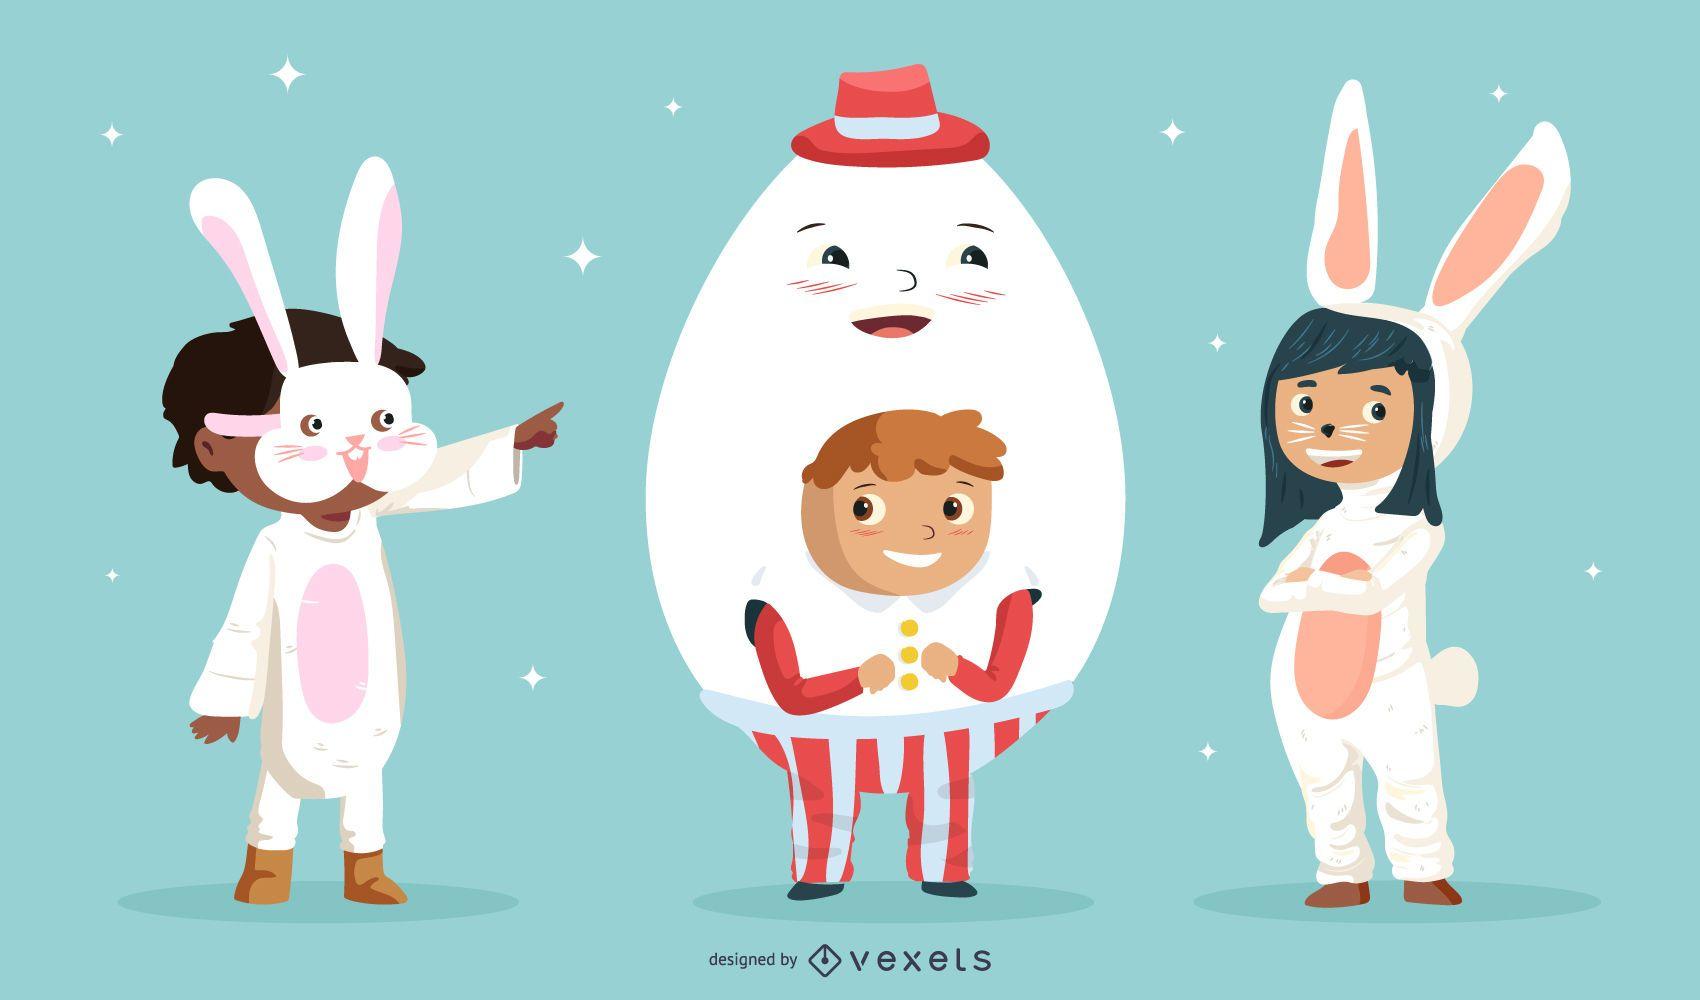 Pacote de personagens para crianças do Dia da Páscoa